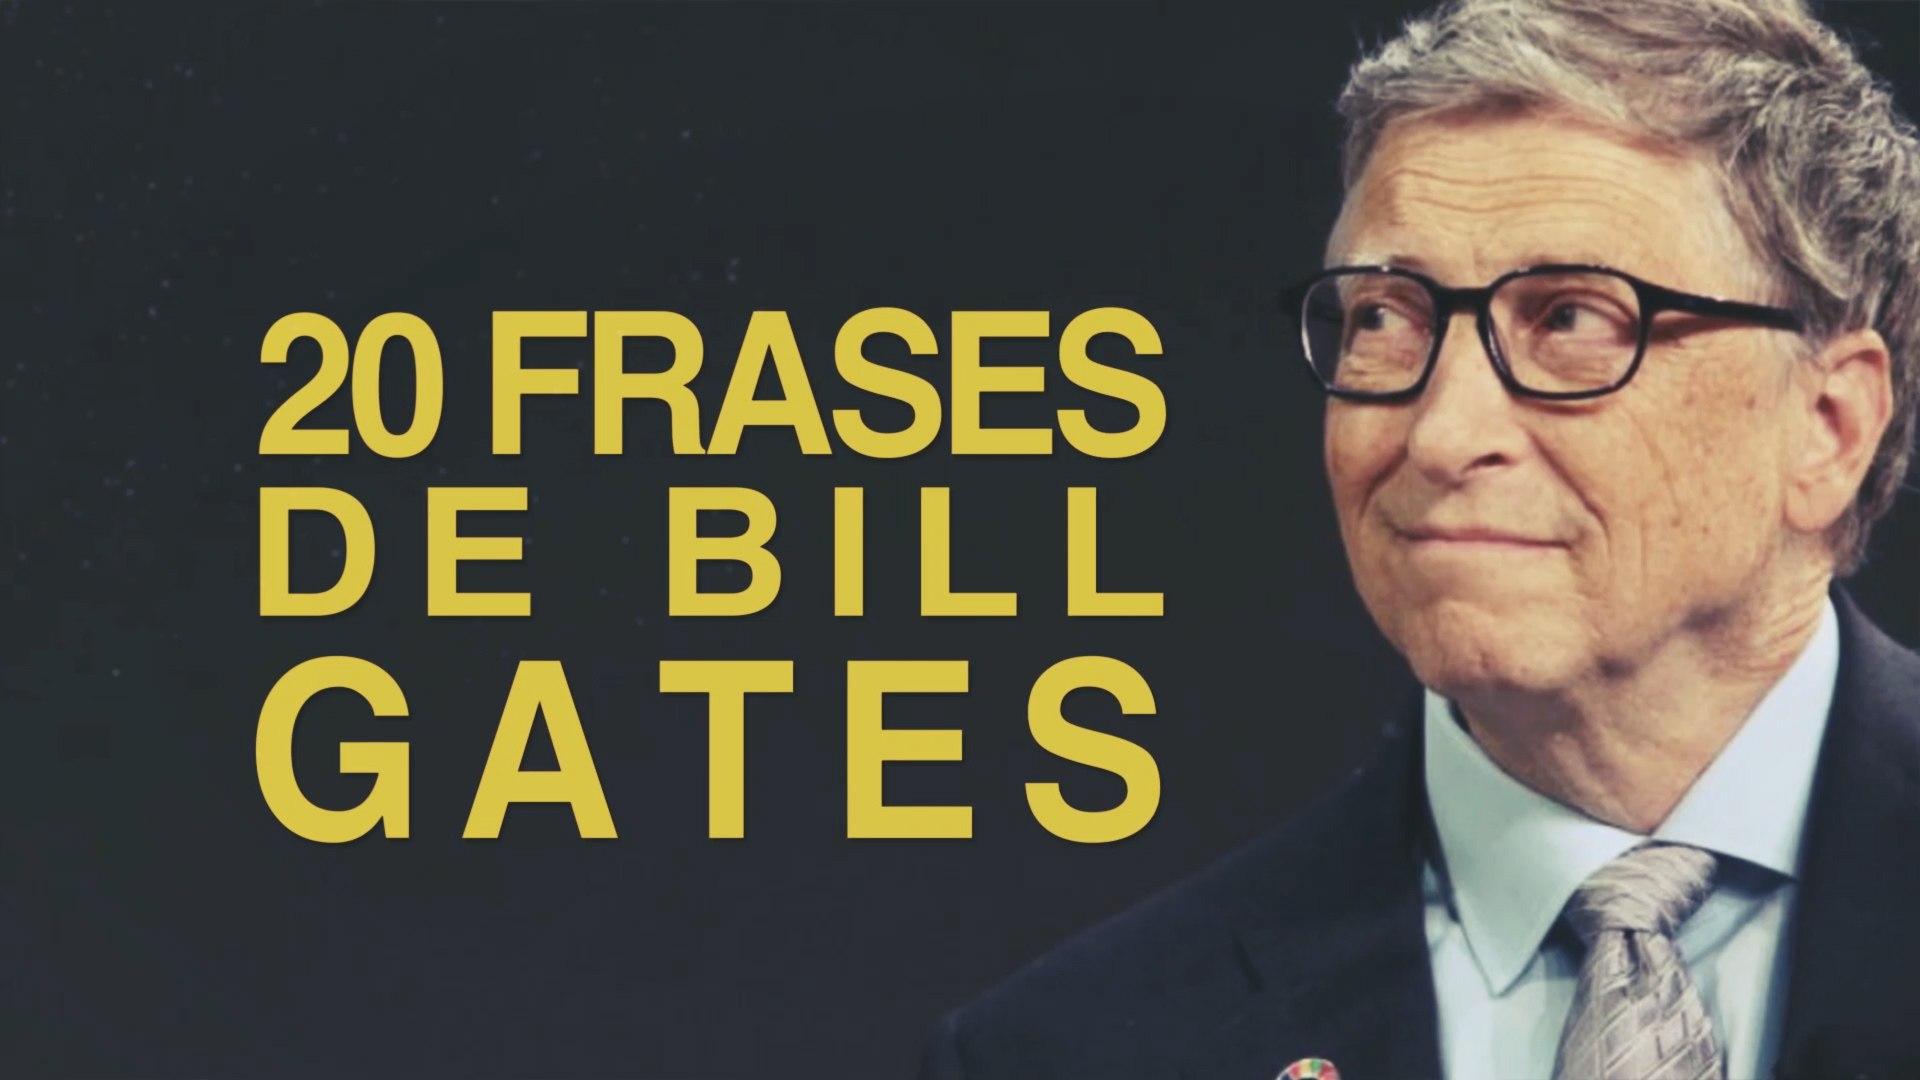 20 Frases De Bill Gates El Informático Millonario